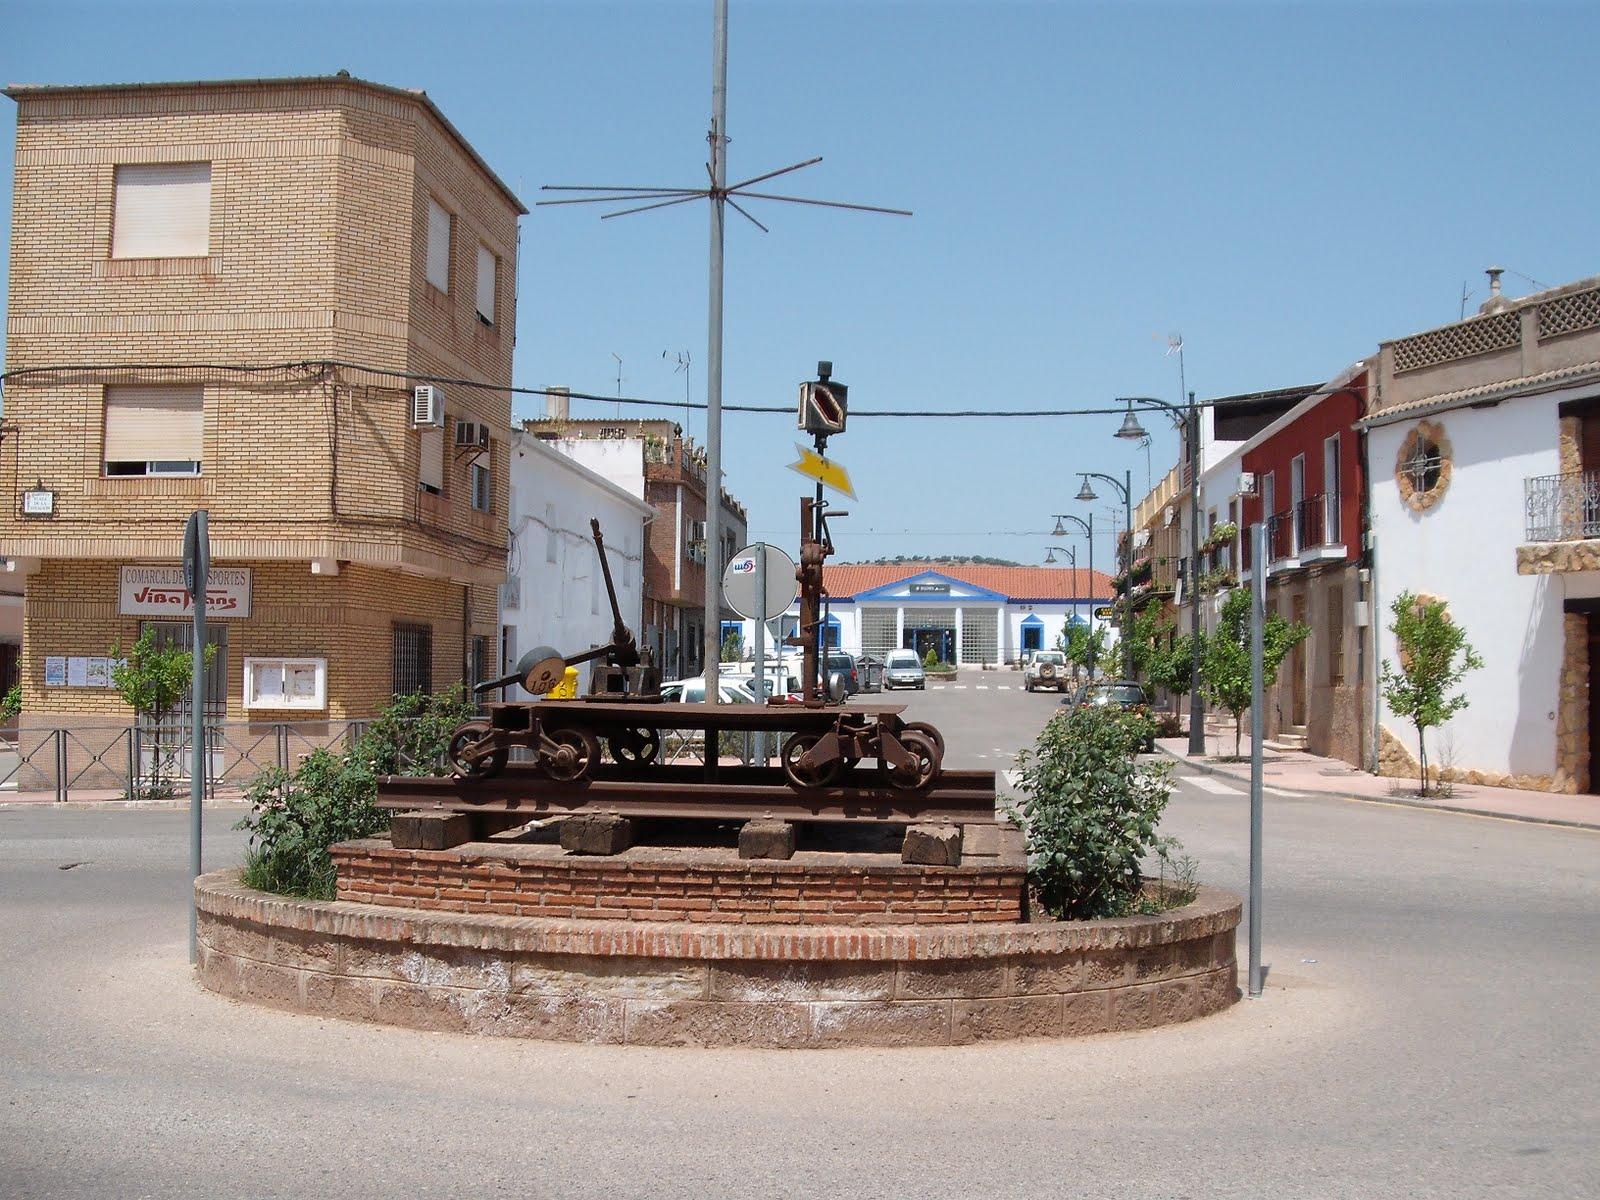 en línea mistressmistress morena cerca de Cádiz